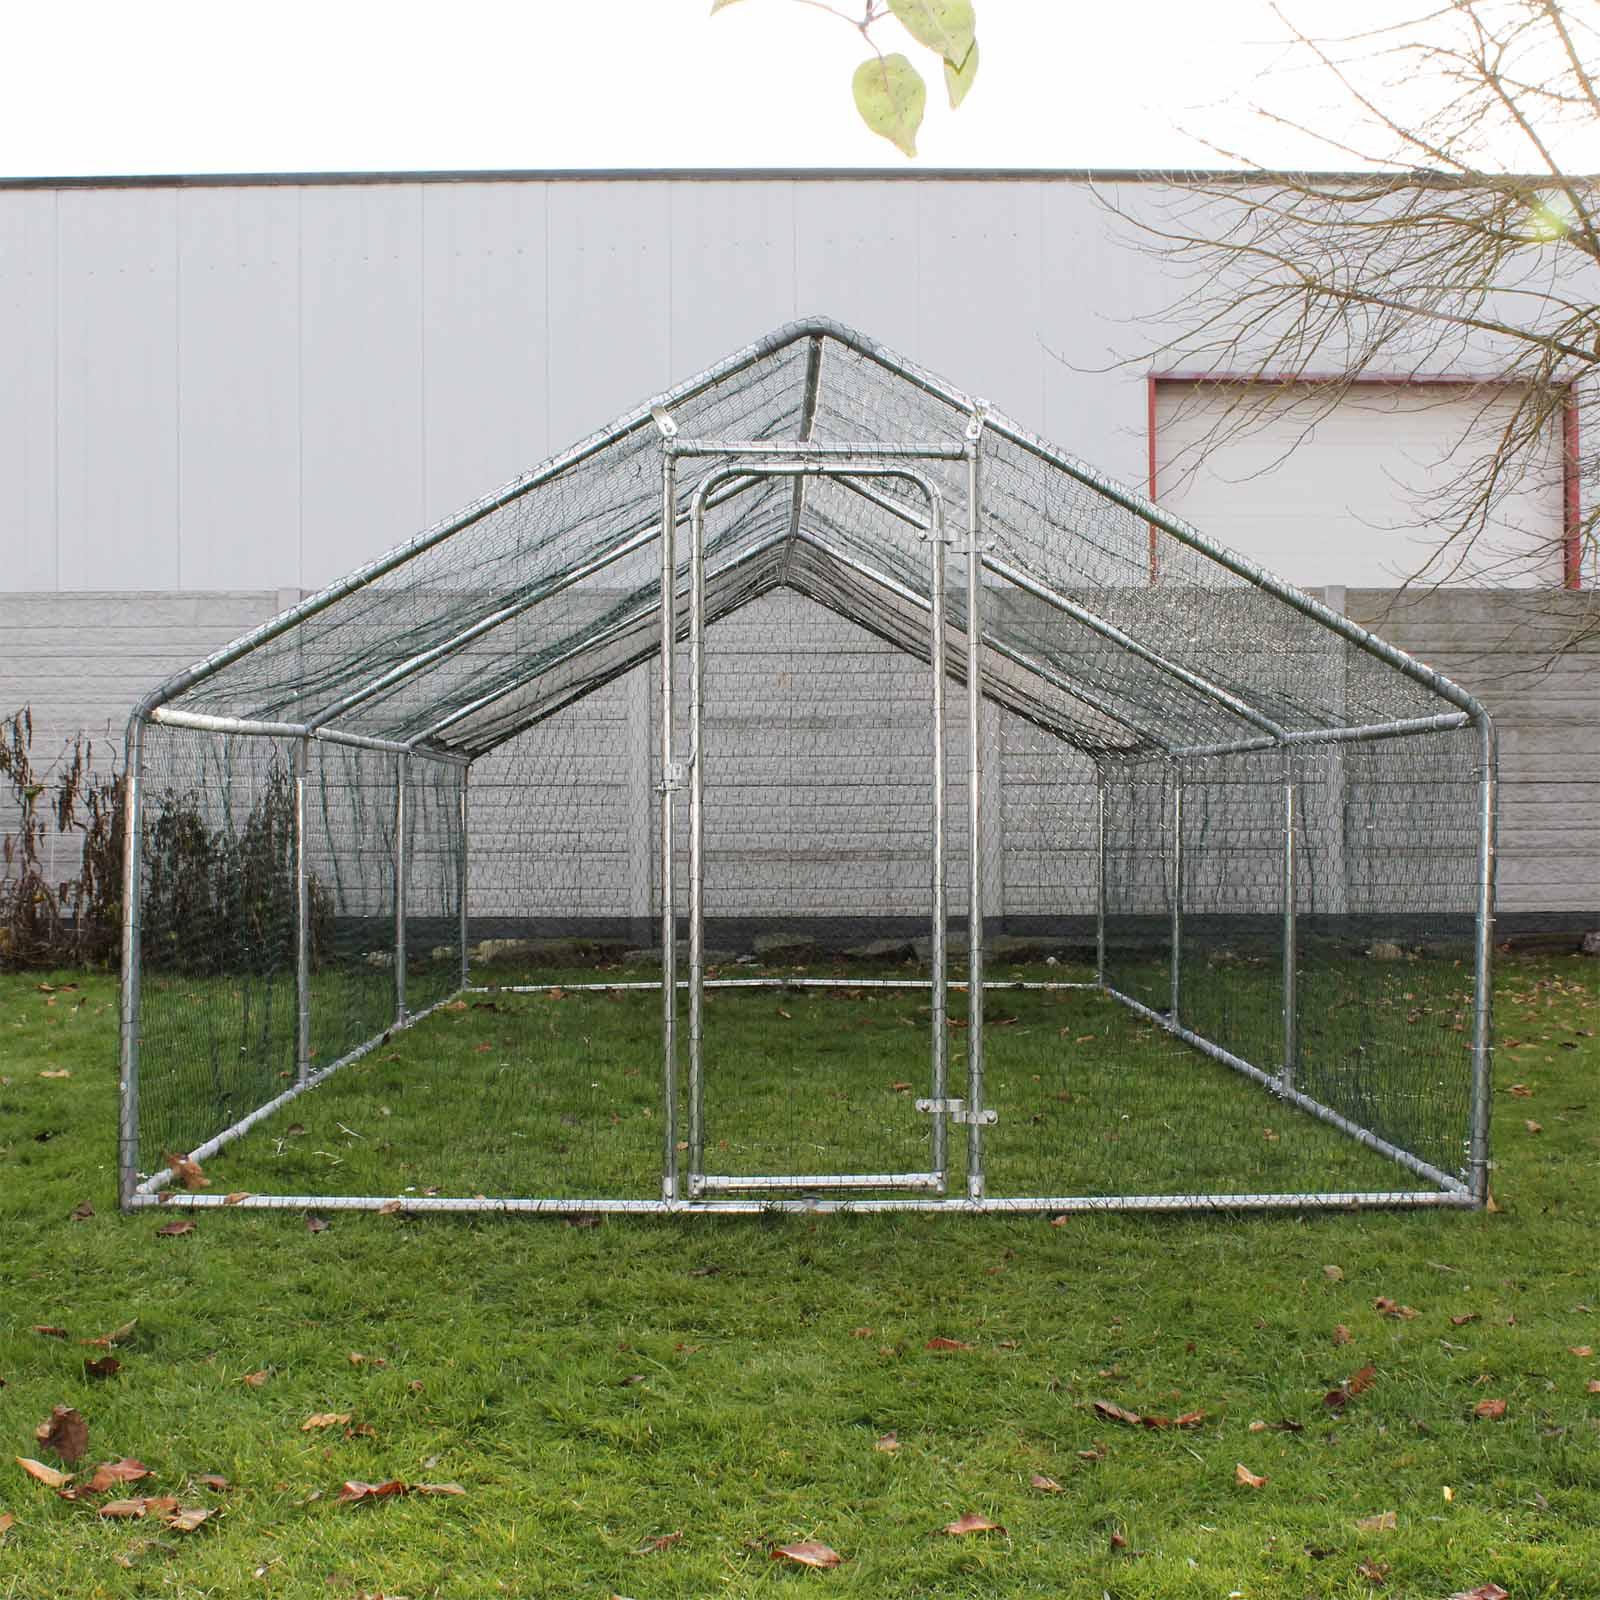 enclos ext rieur voli re poulailler petite cage pour animaux 4x3x2m auvent ebay. Black Bedroom Furniture Sets. Home Design Ideas